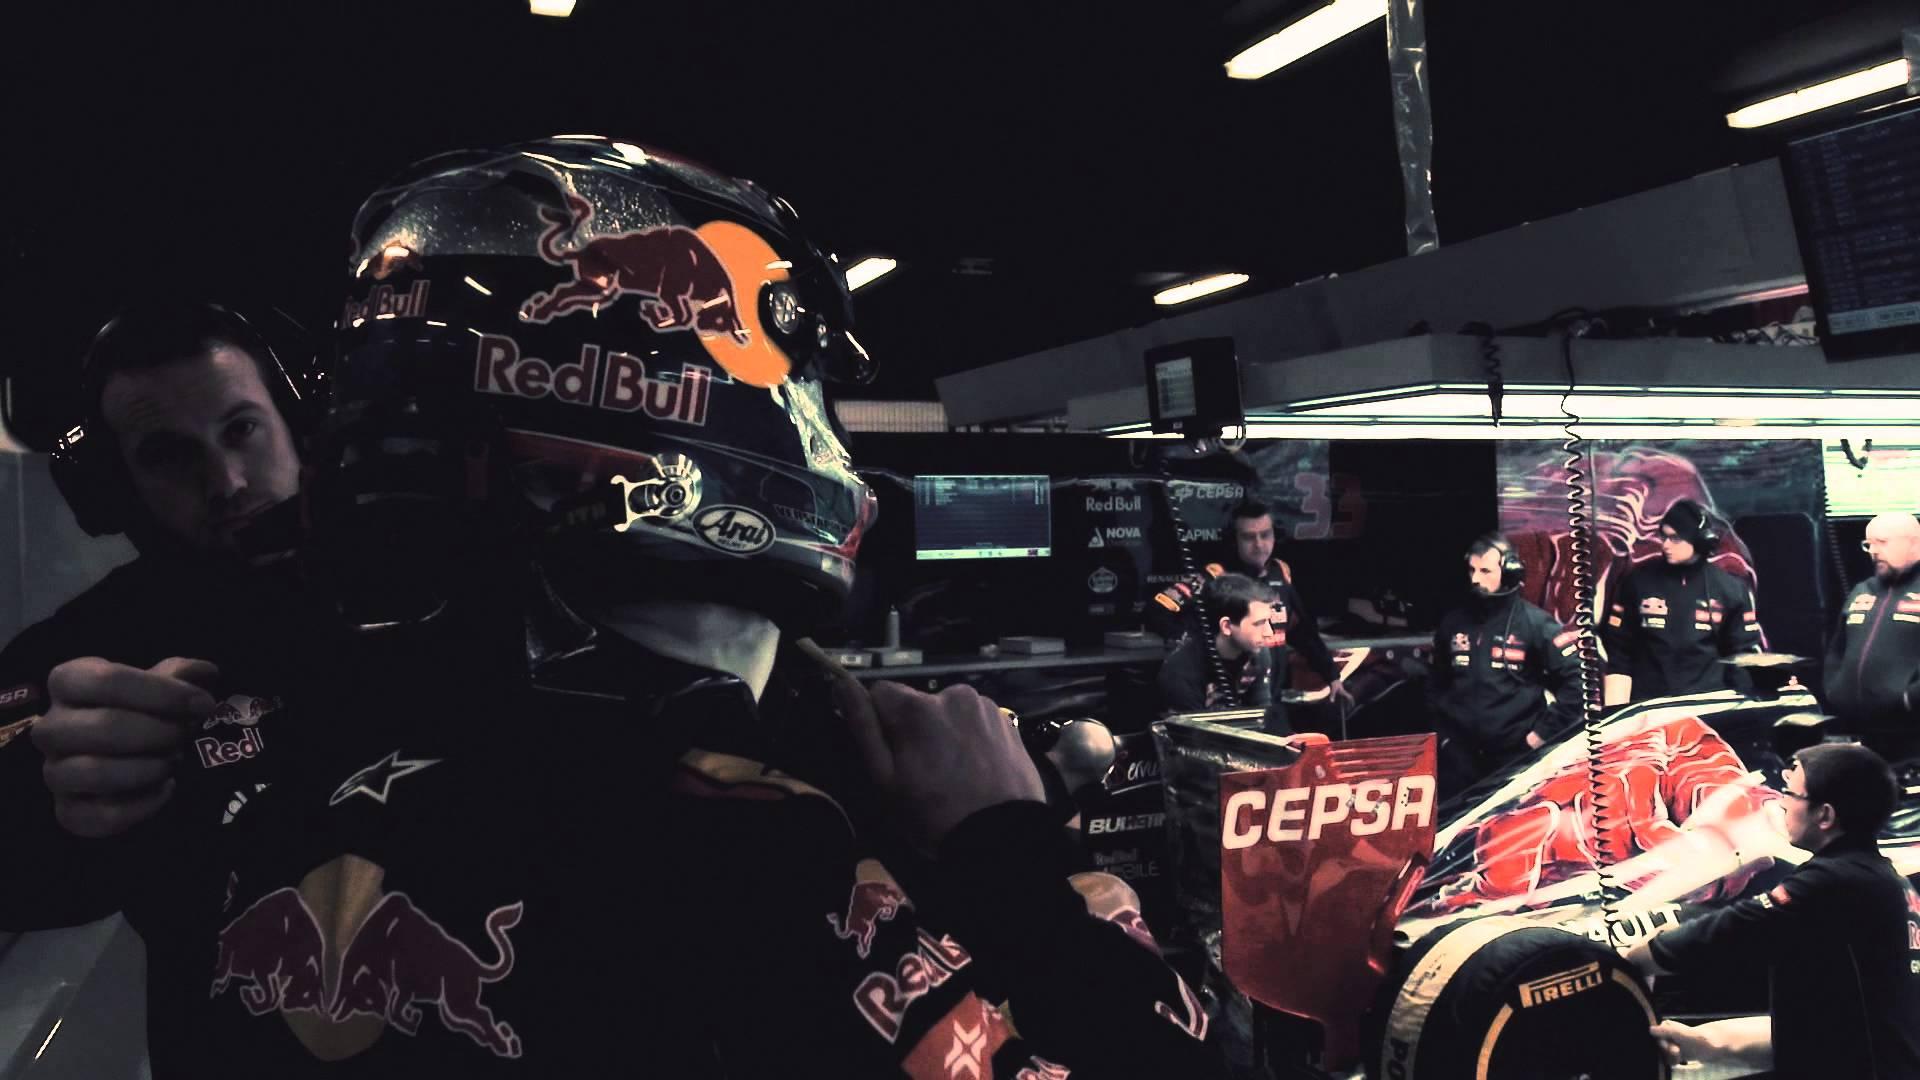 Sport1 commercial met Max Verstappen, versie 2